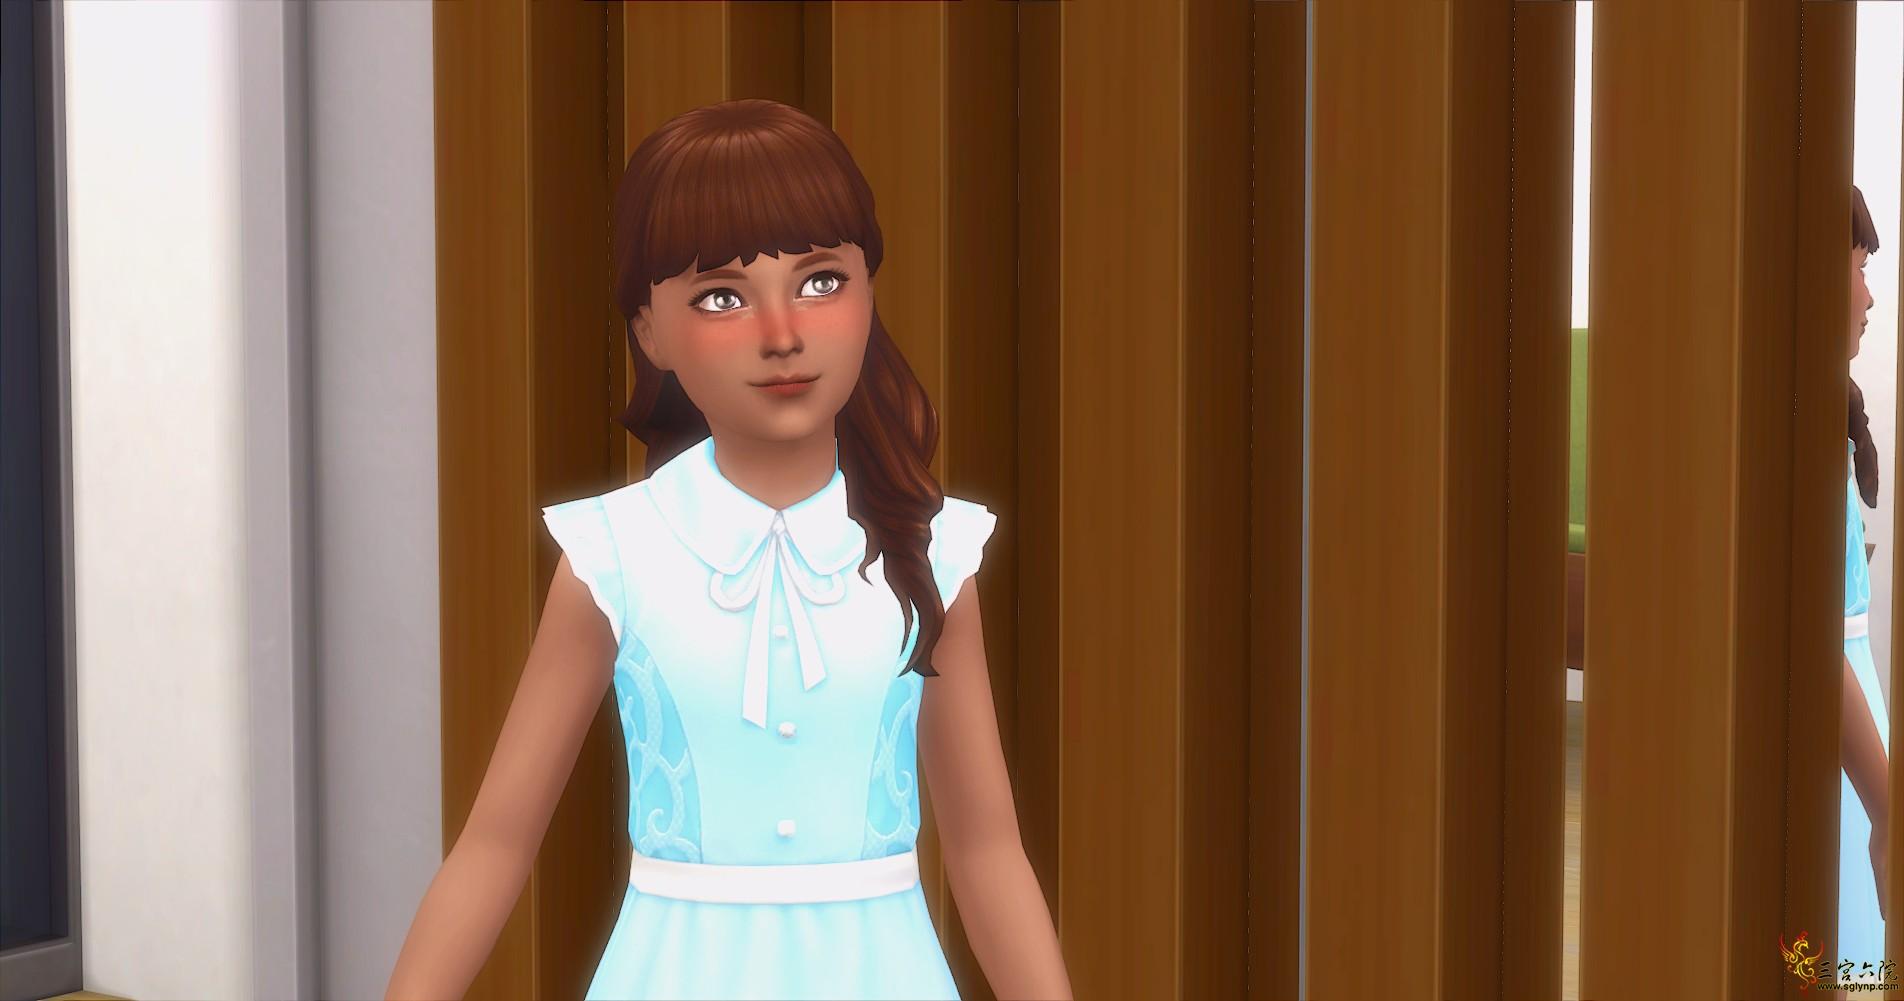 Sims 4 Screenshot 2021.02.11 - 15.03.52.53.png